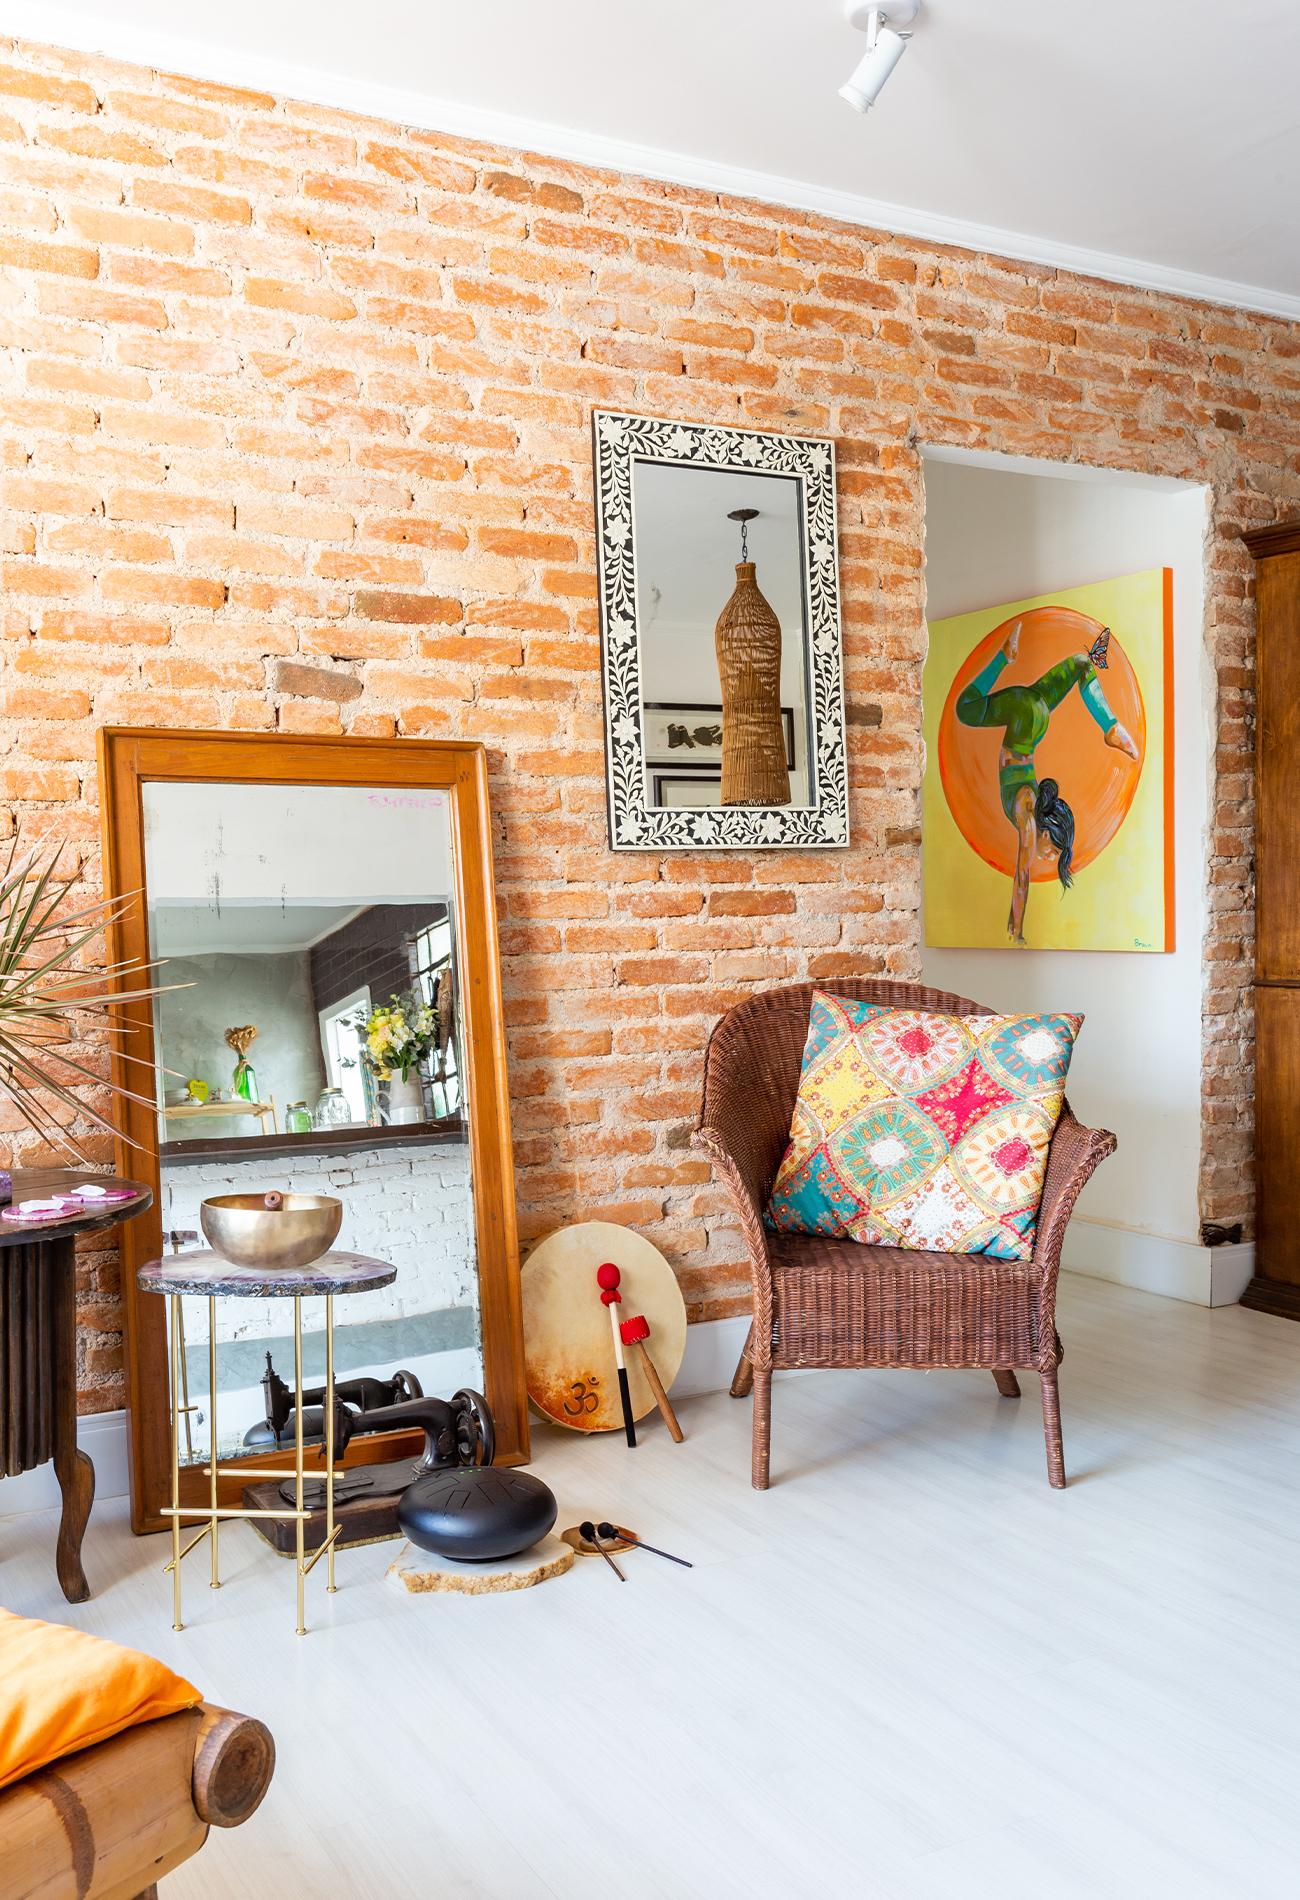 milla-decoracao-sala-parede-tijolos-espreguicadeira-de-bambu.jpg